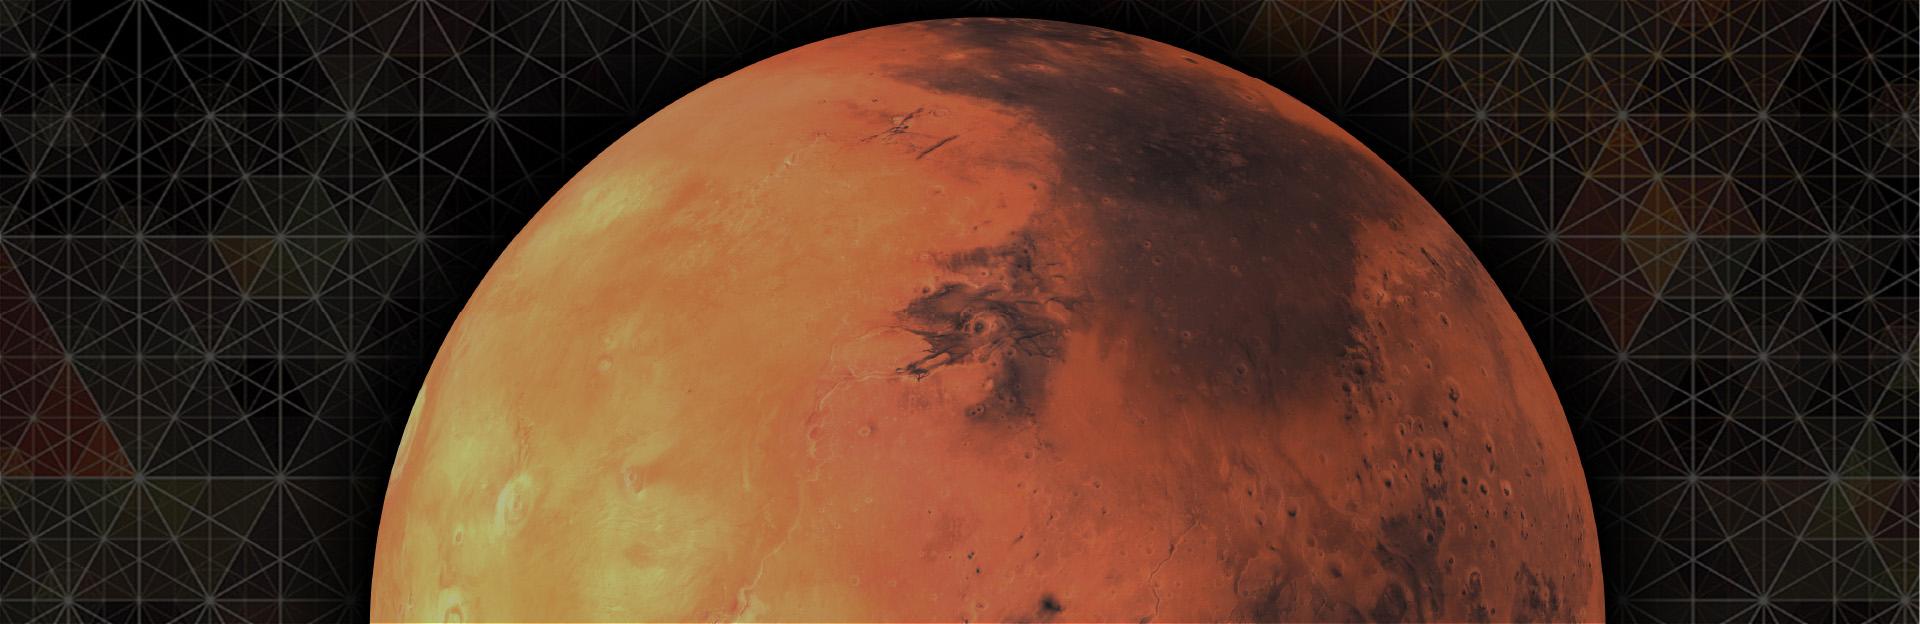 La Pasión de Marte